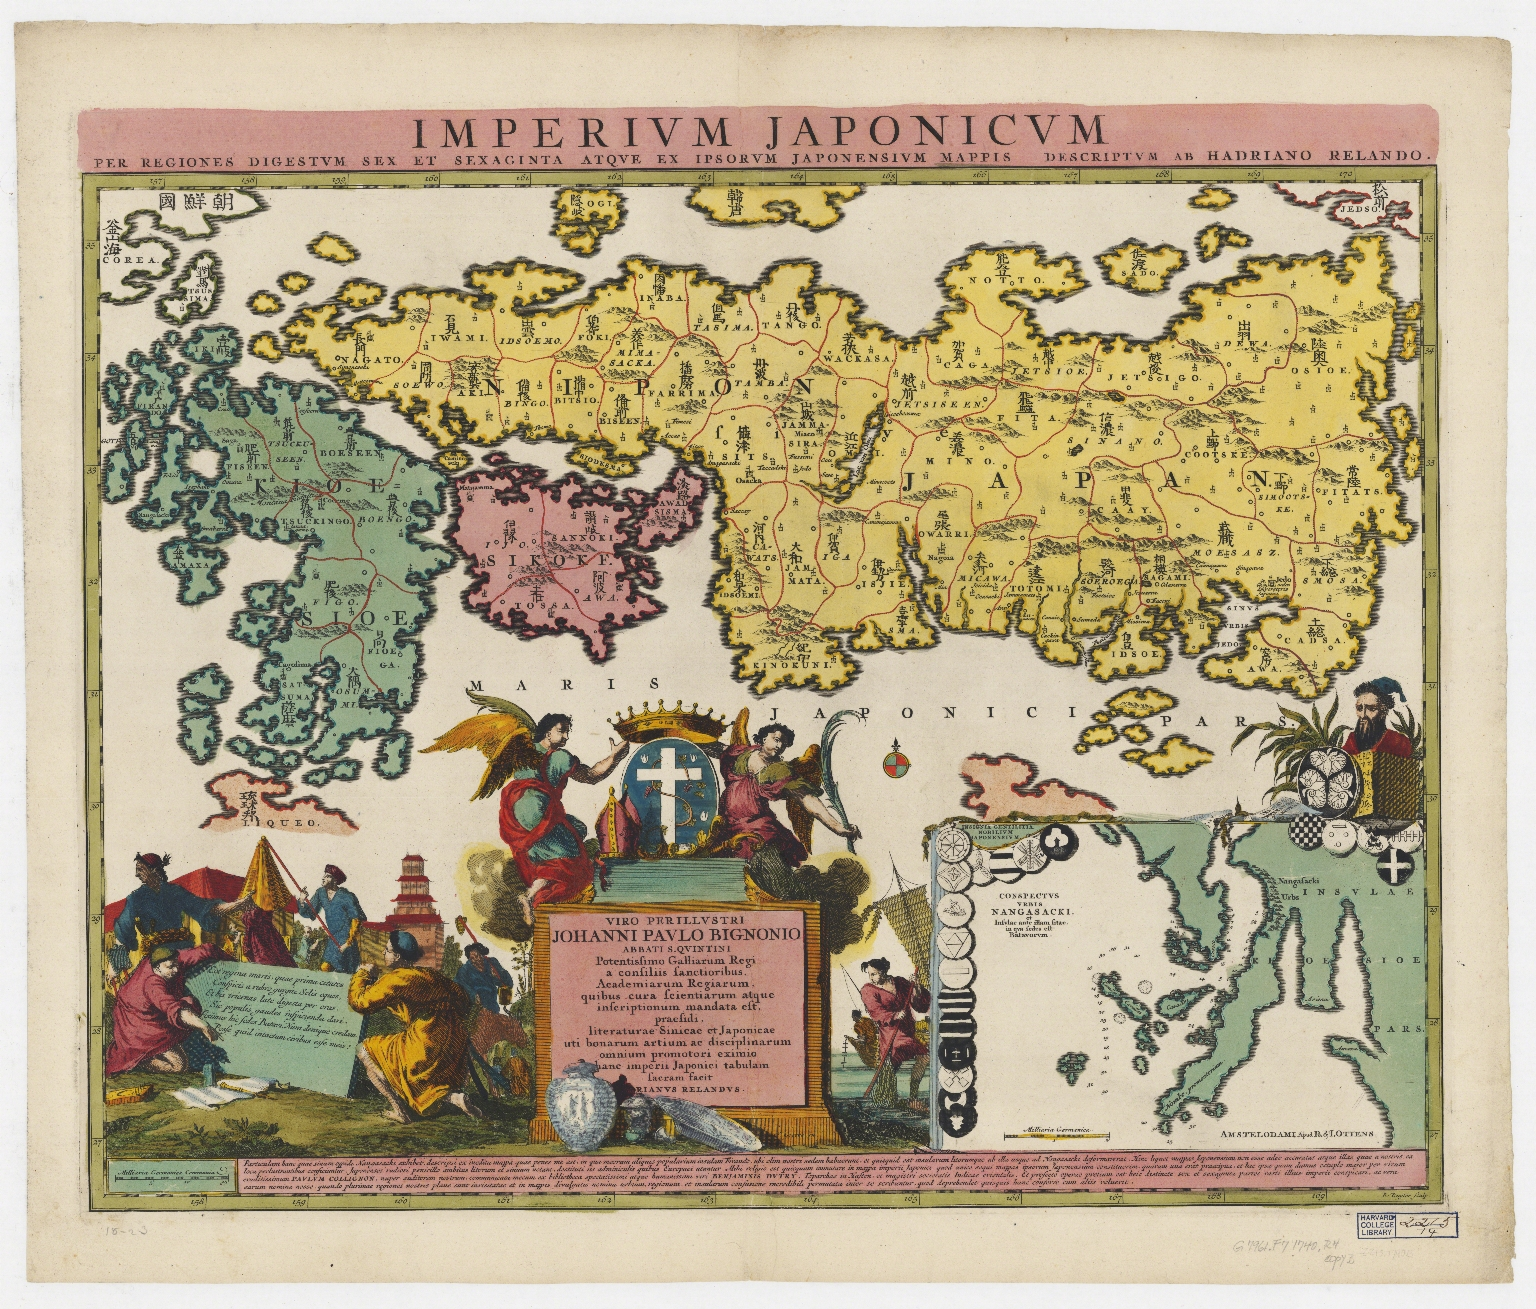 Imperium Japonicum, per regiones digestum sex et sexaginta